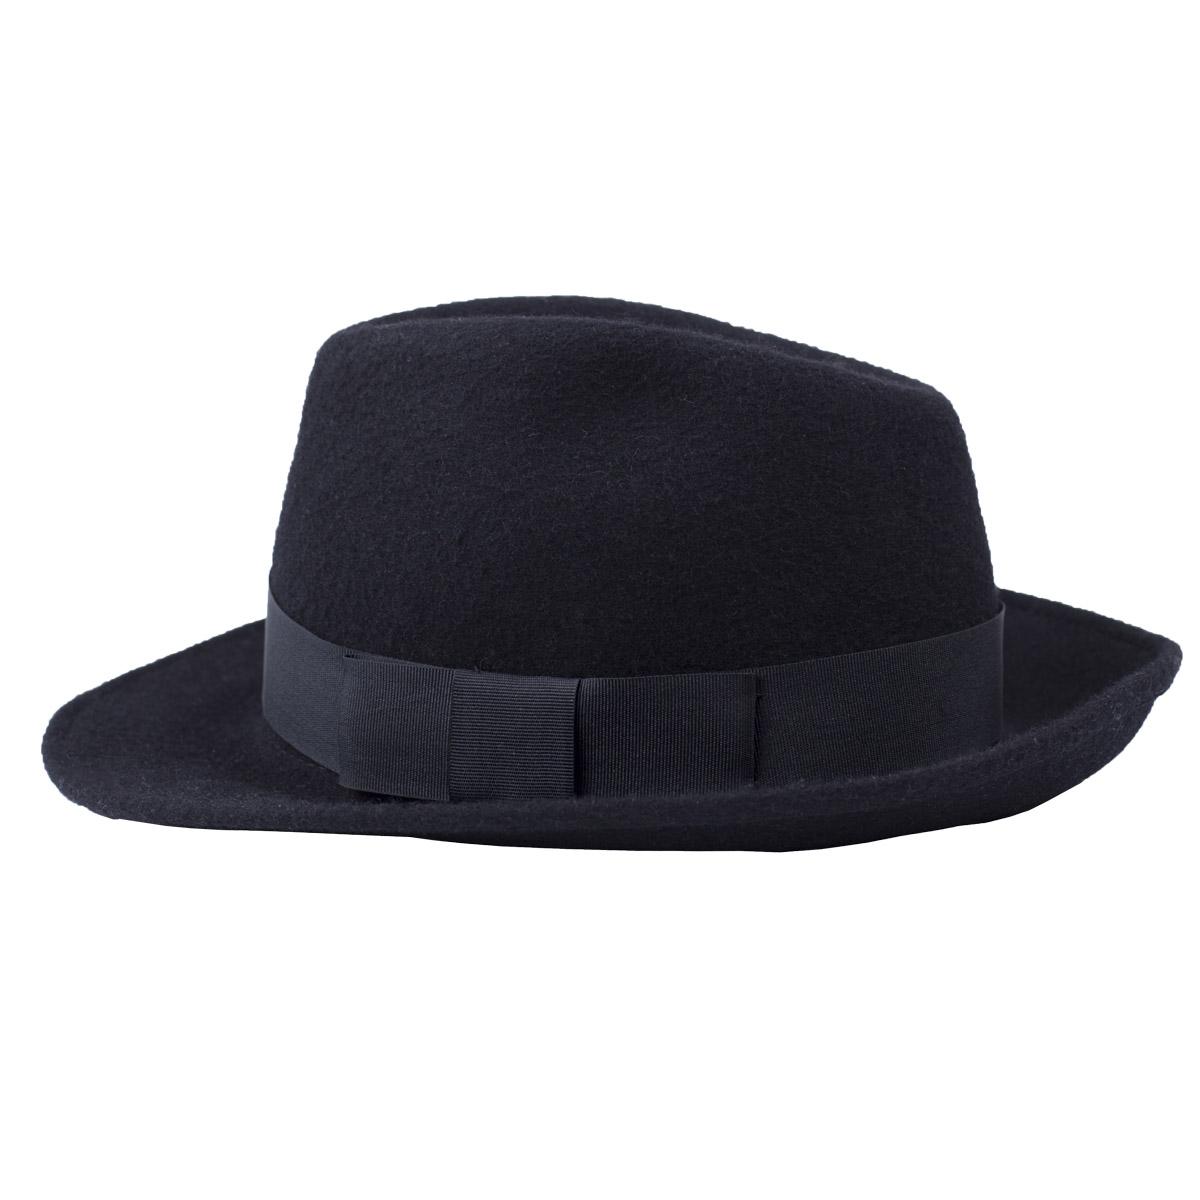 91bf2ae42dc Zapana Pánský společenský klobouk Gibaldi černý - Glami.cz